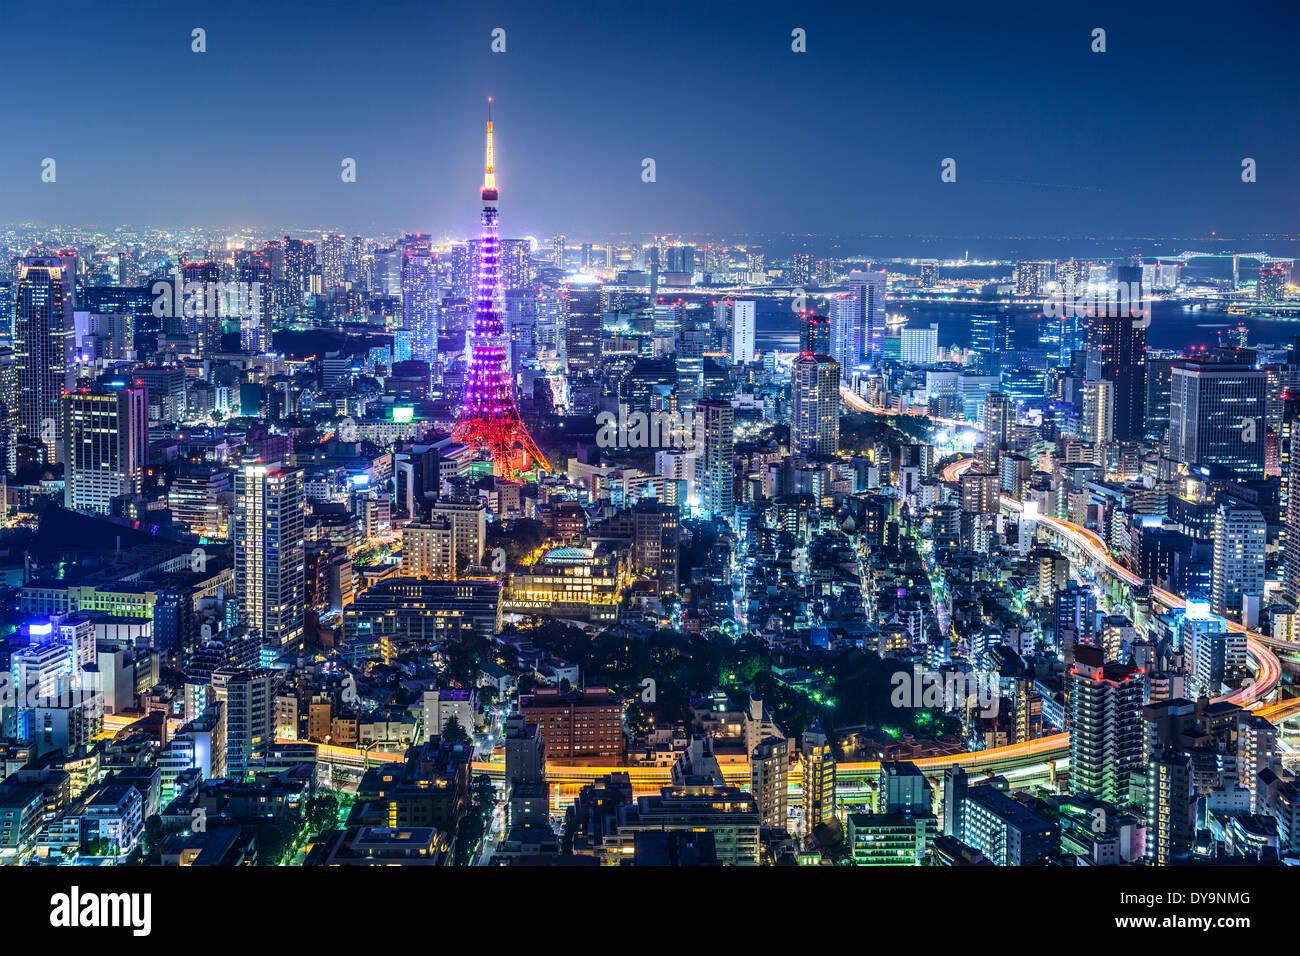 Tokyo, Japan city skyline with Tokyo Tower 'Diamond Veil' lighting. - Stock Image